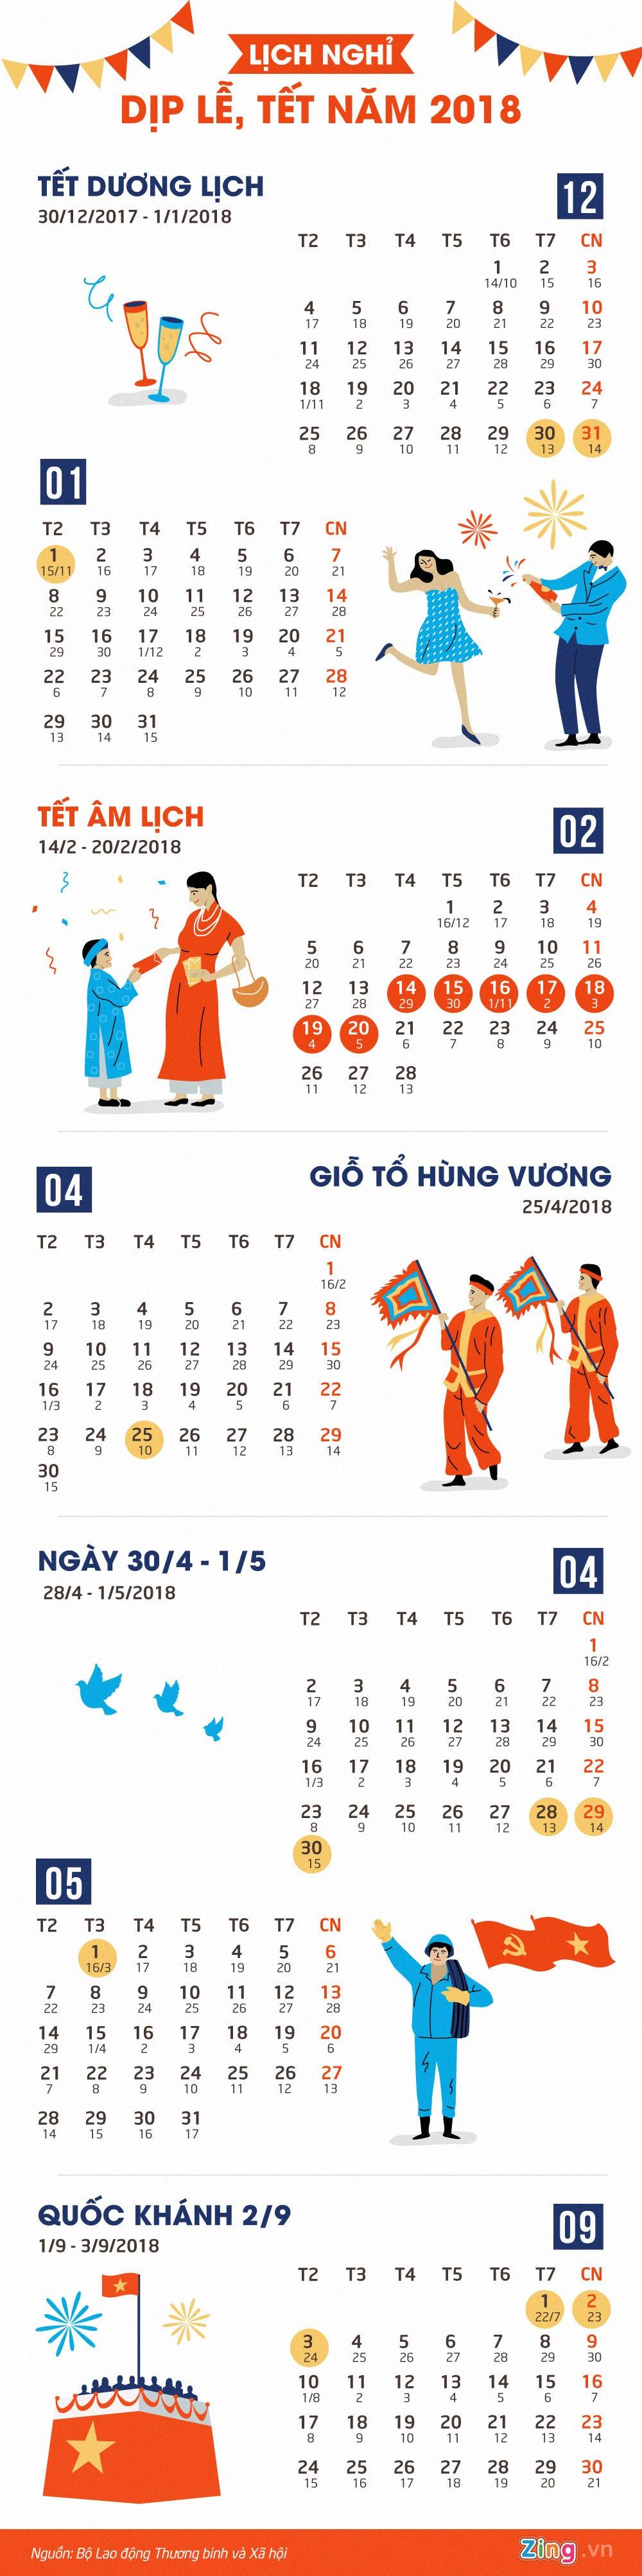 Chi tiết lịch nghỉ dịp lễ, tết năm 2018 - ảnh 1